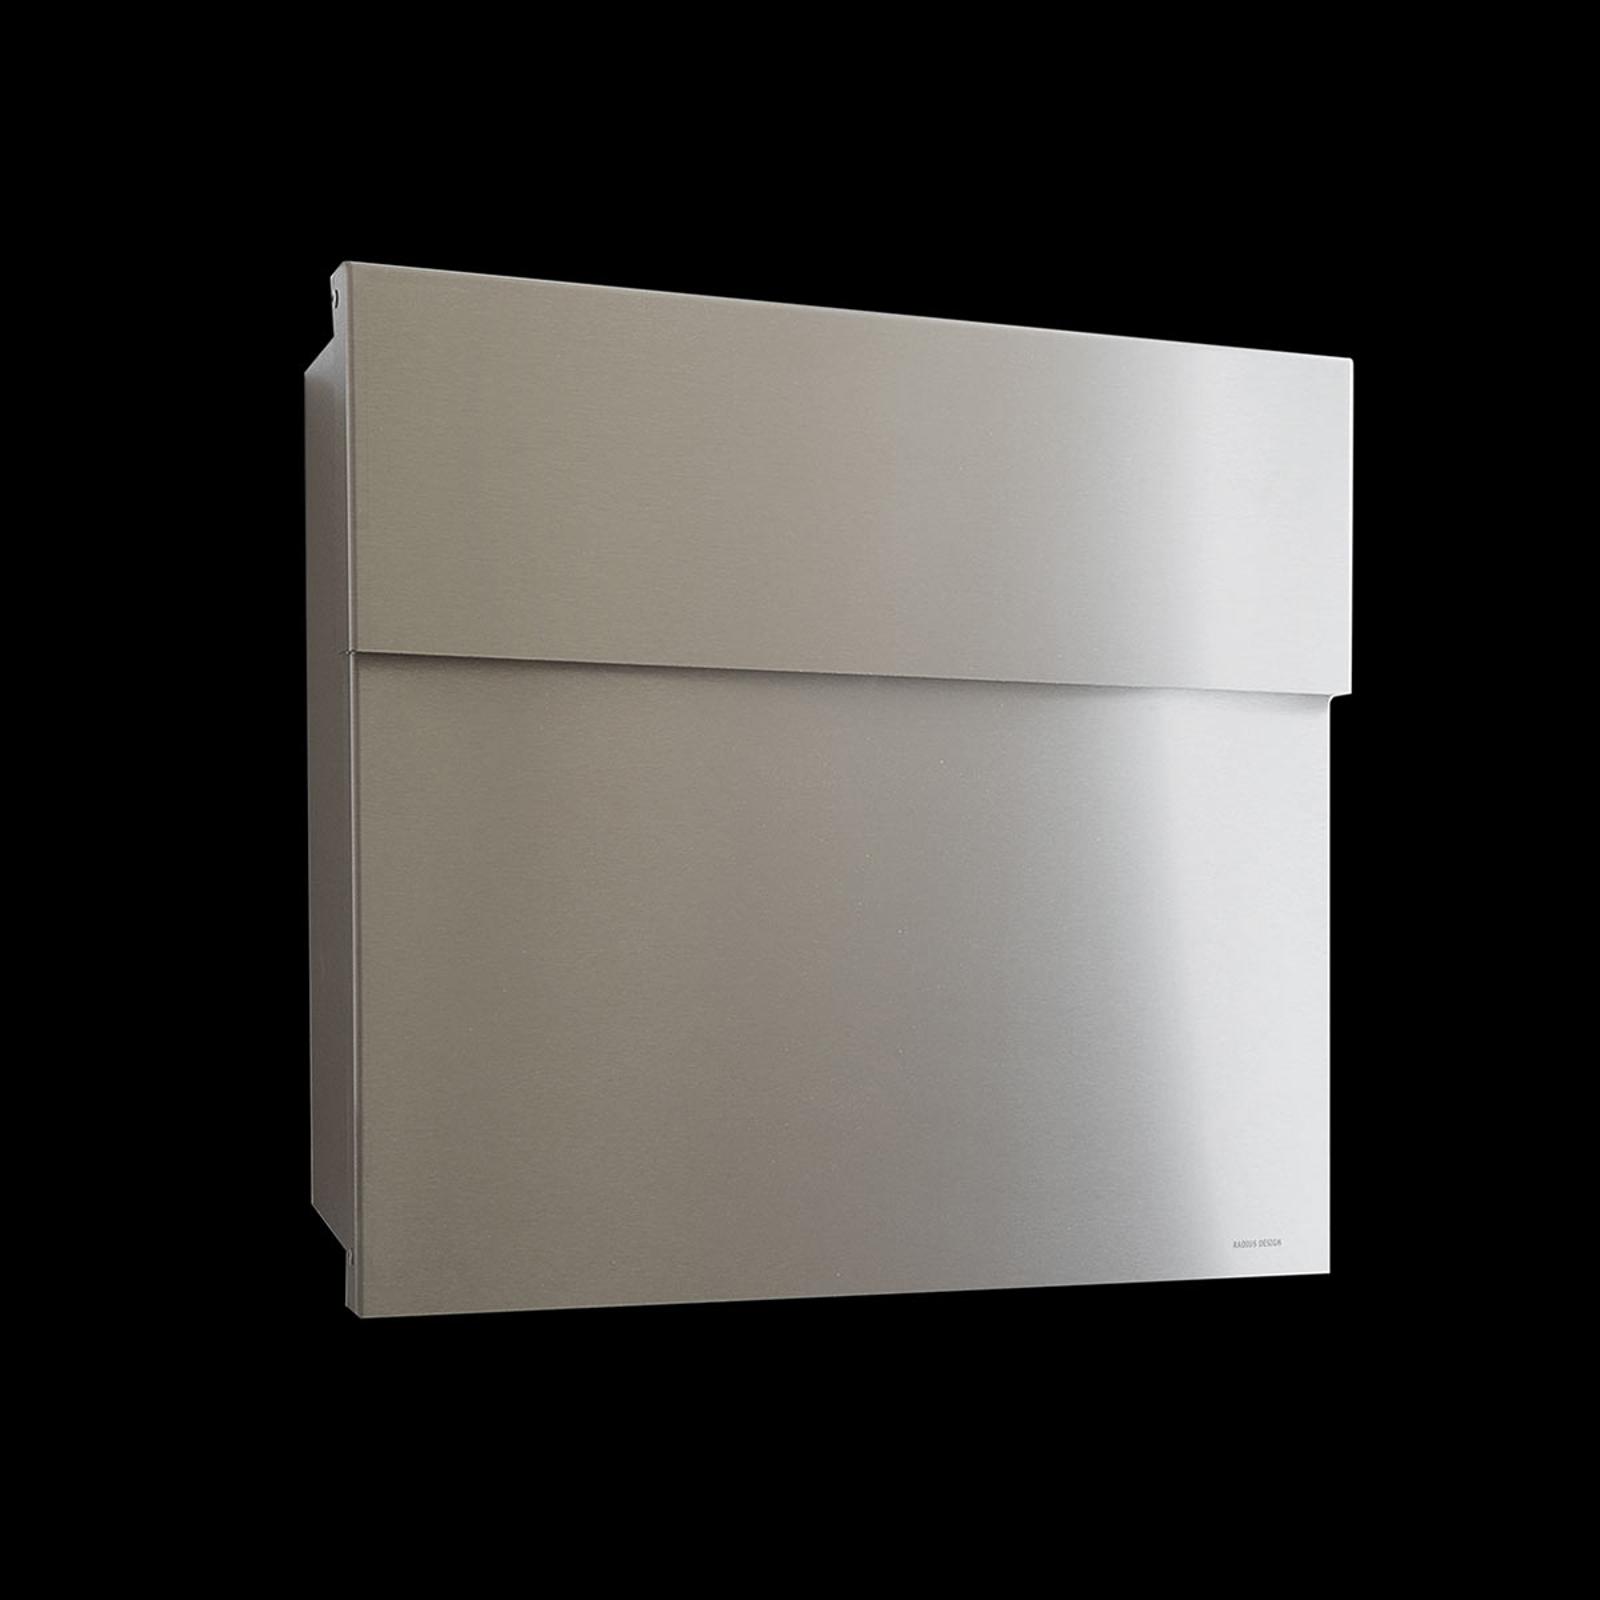 Dizajnová poštová schránka Leterman IV, ušľ. oceľ_1057029_1